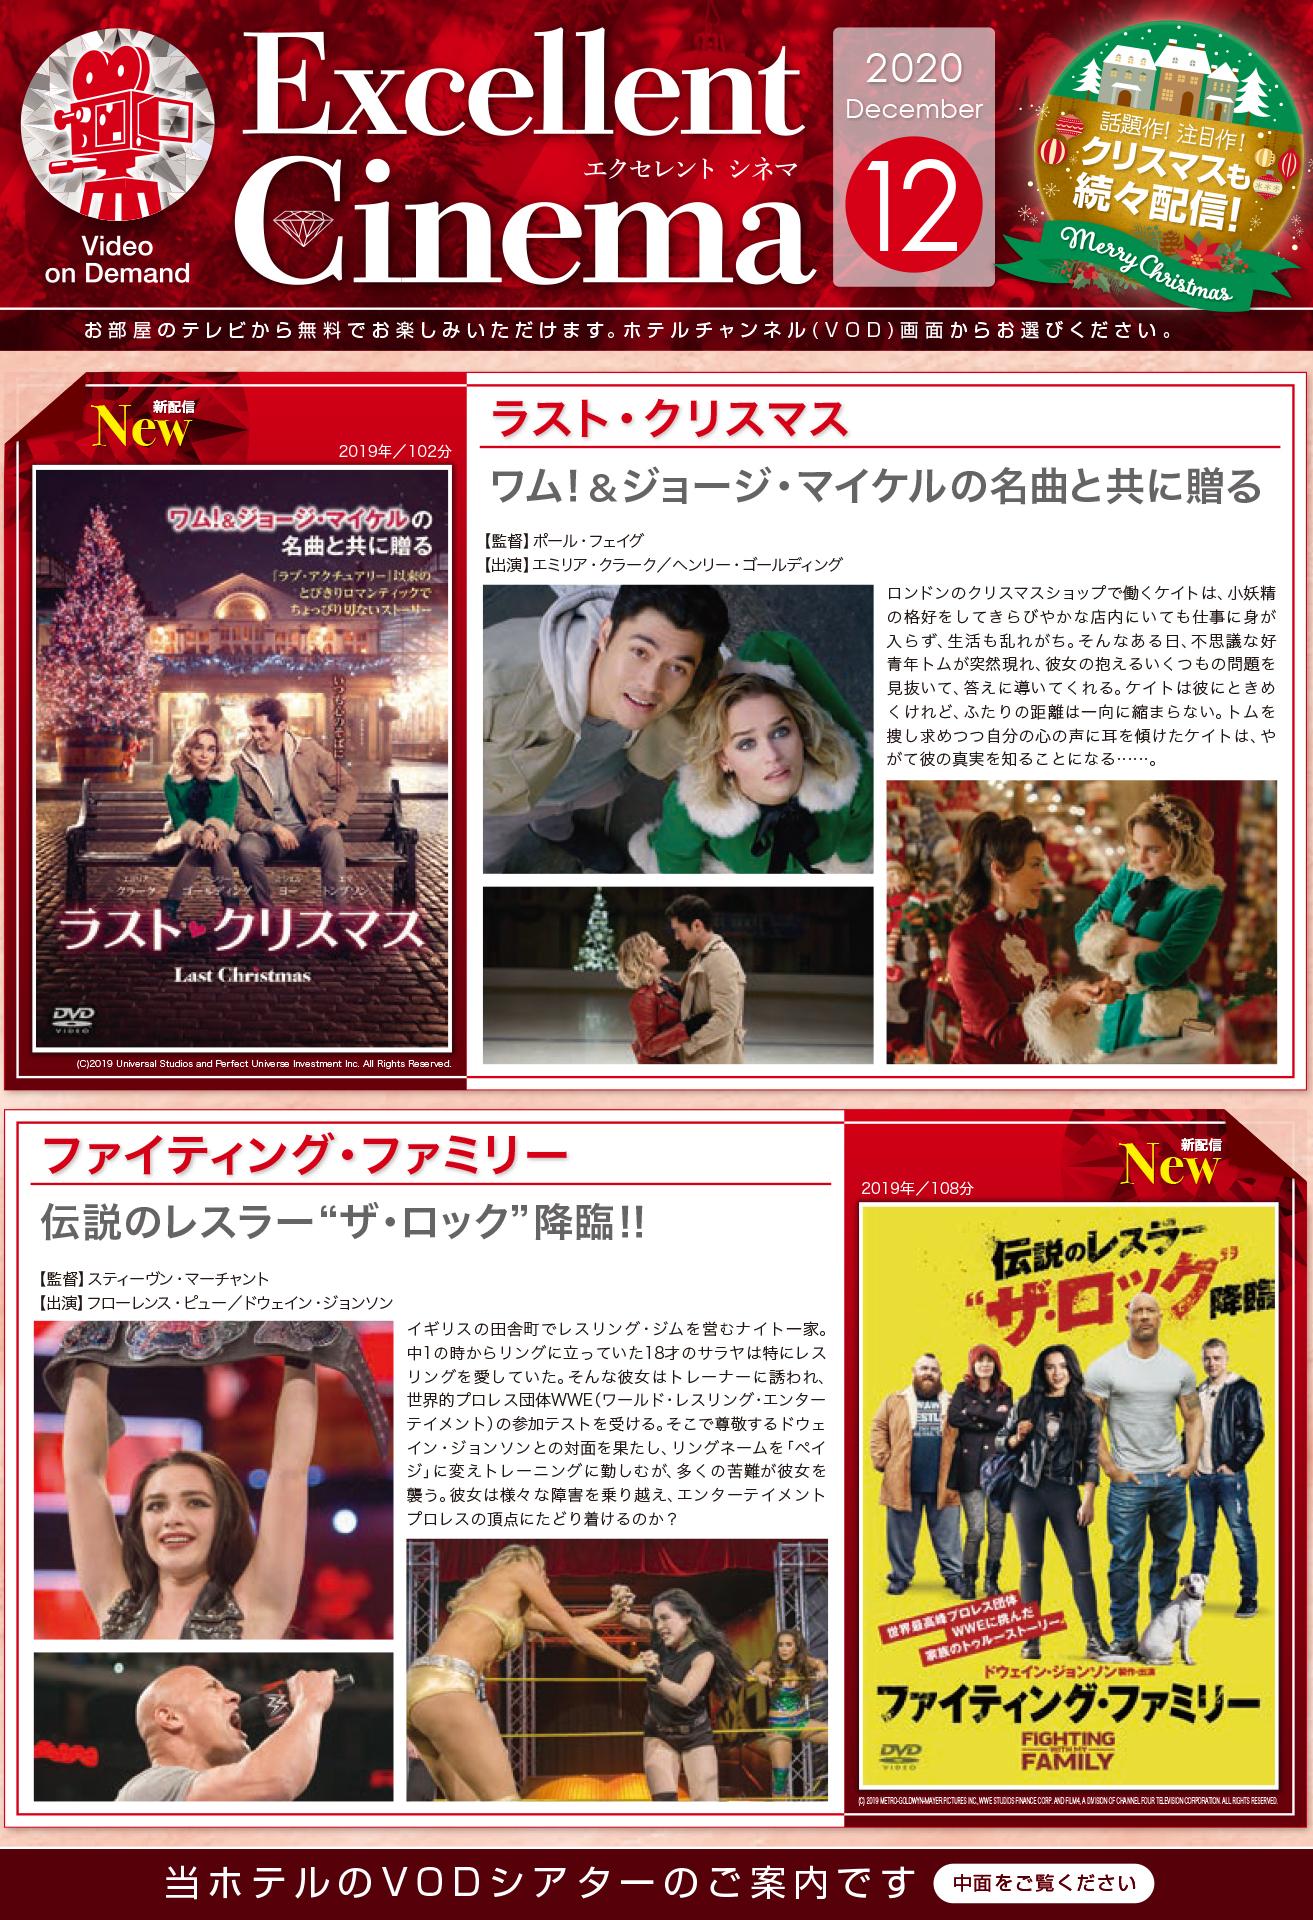 12月度新作VOD登場